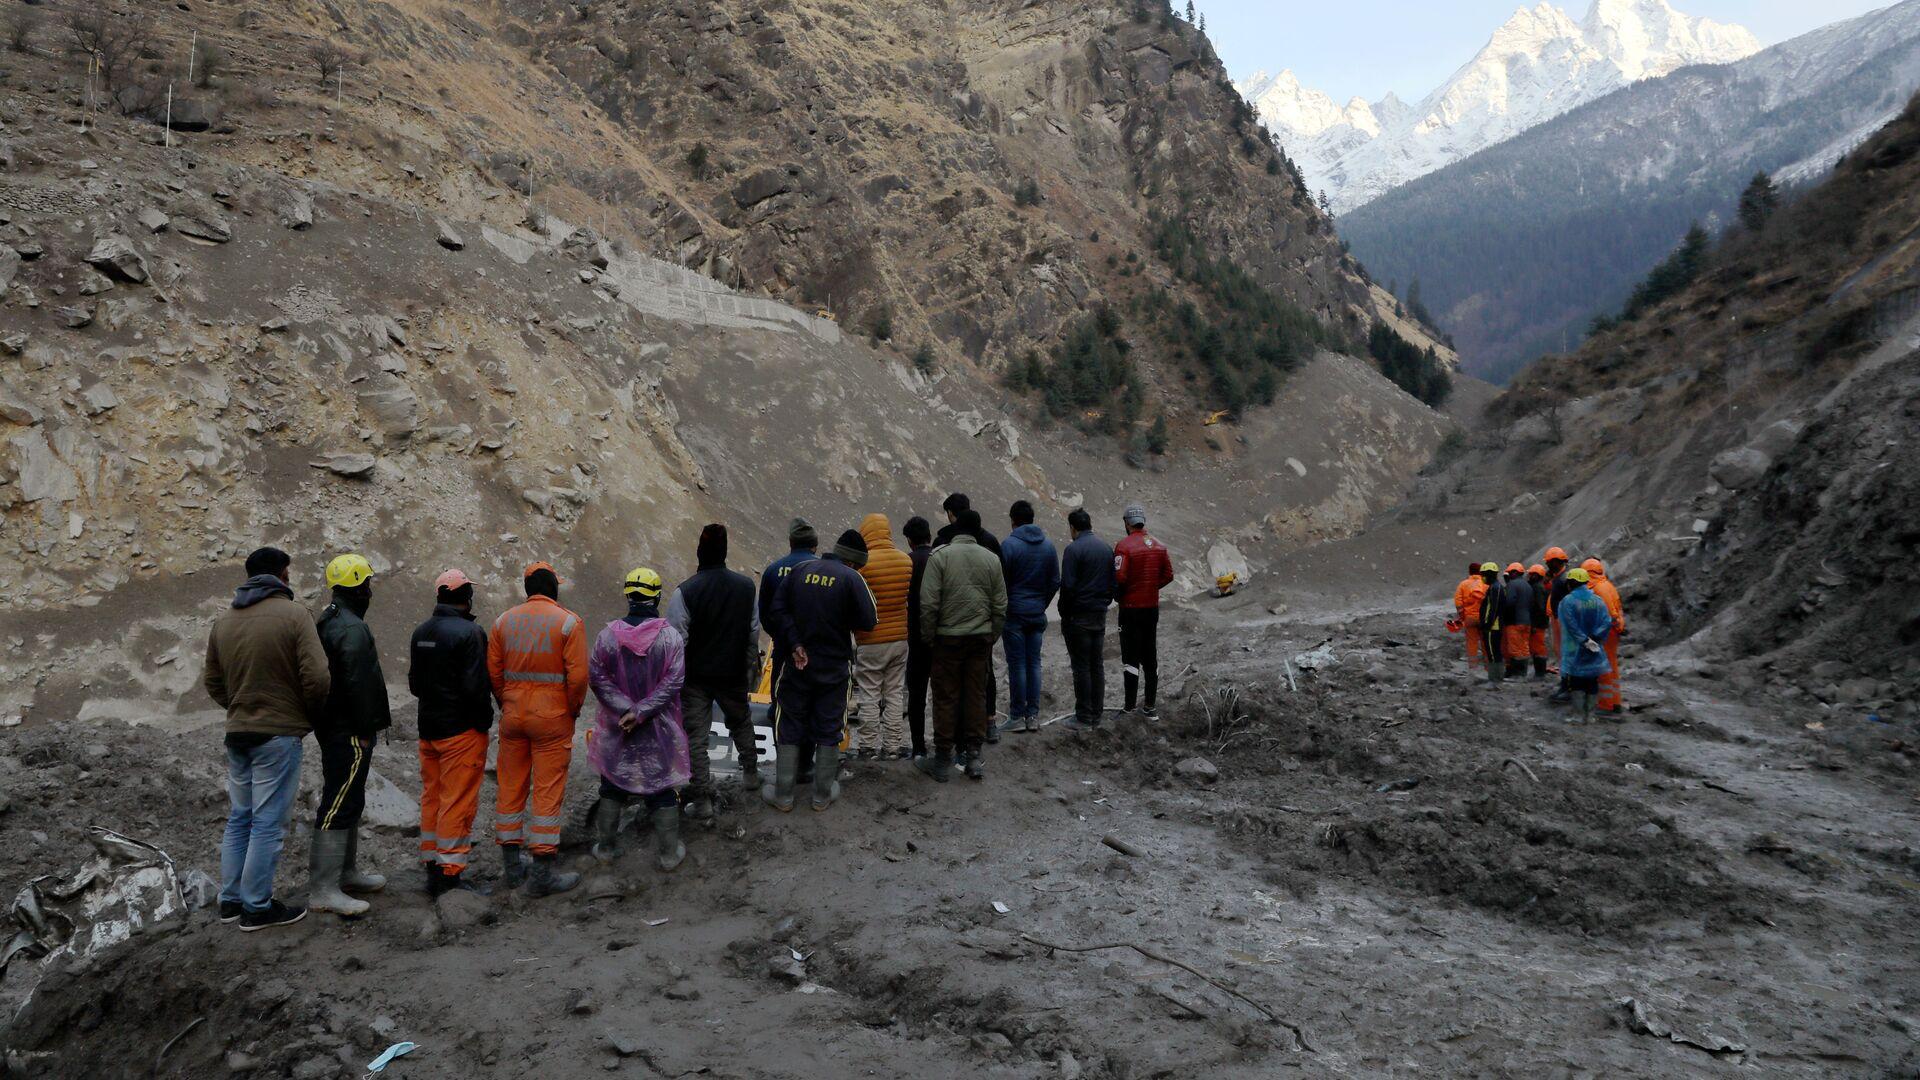 Operaciones de rescate tras el desprendimiento de un glaciar del Himalaya - Sputnik Mundo, 1920, 10.02.2021